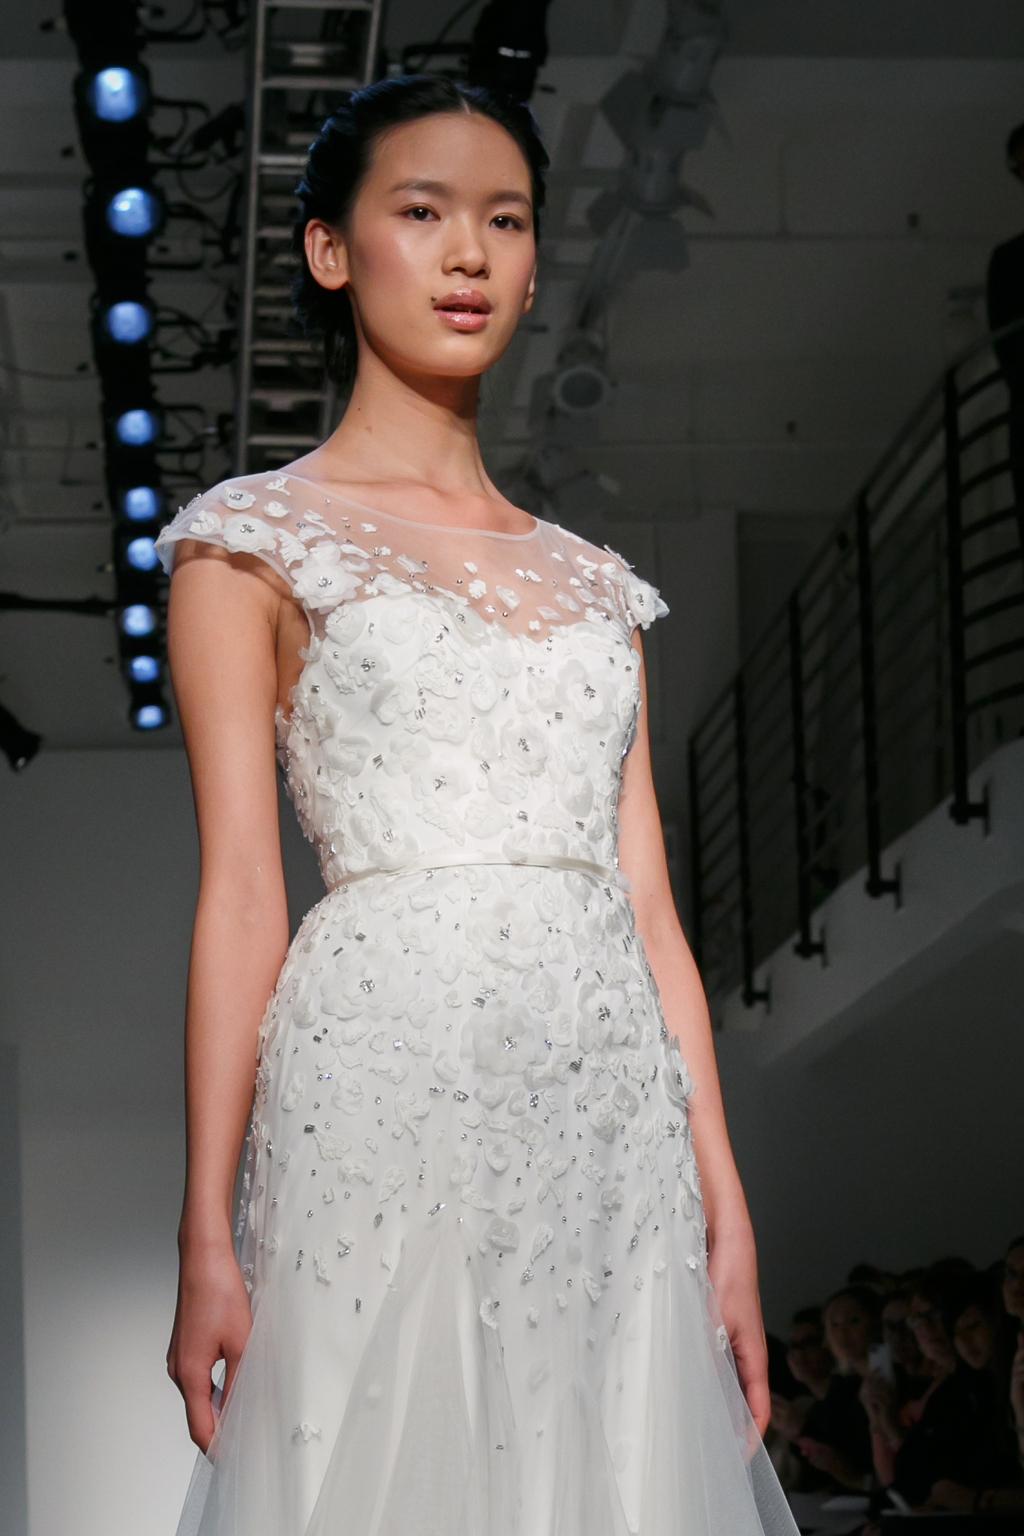 Fall-2013-wedding-dress-by-christos-amsale-bridal-6b.full